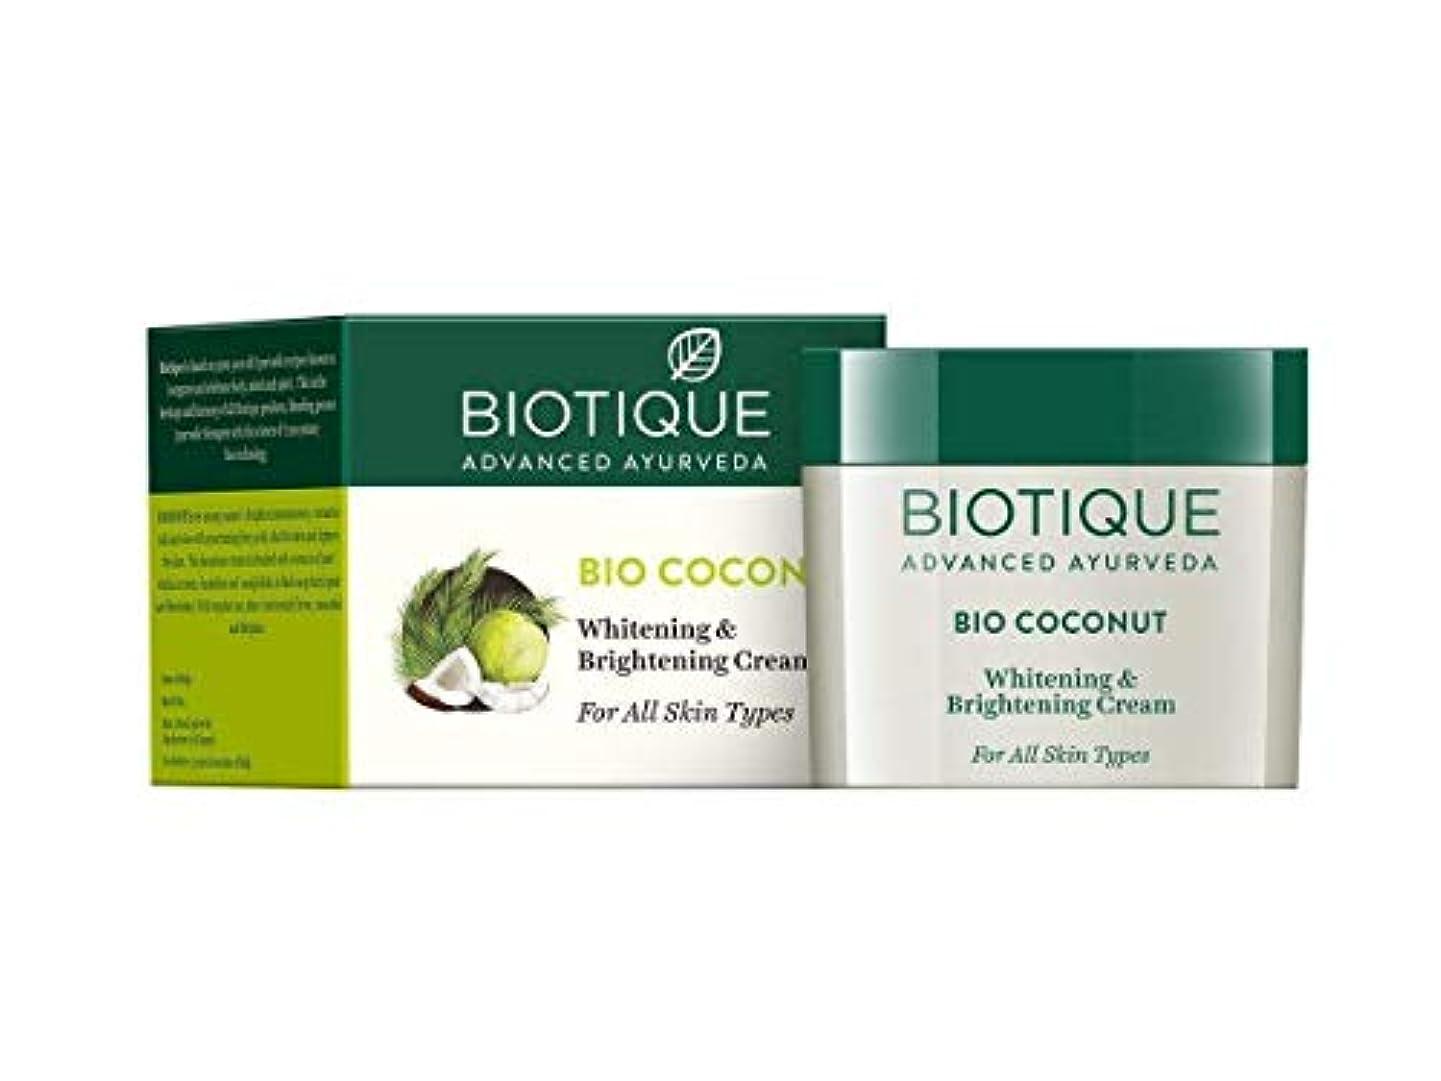 レトルトマットレス新年Biotique Coconut Whitening & Brightening Cream 50g fade dark spots & Blemishes ビオティックココナッツホワイトニング&ブライトニングクリームフェードダークスポット&シミ